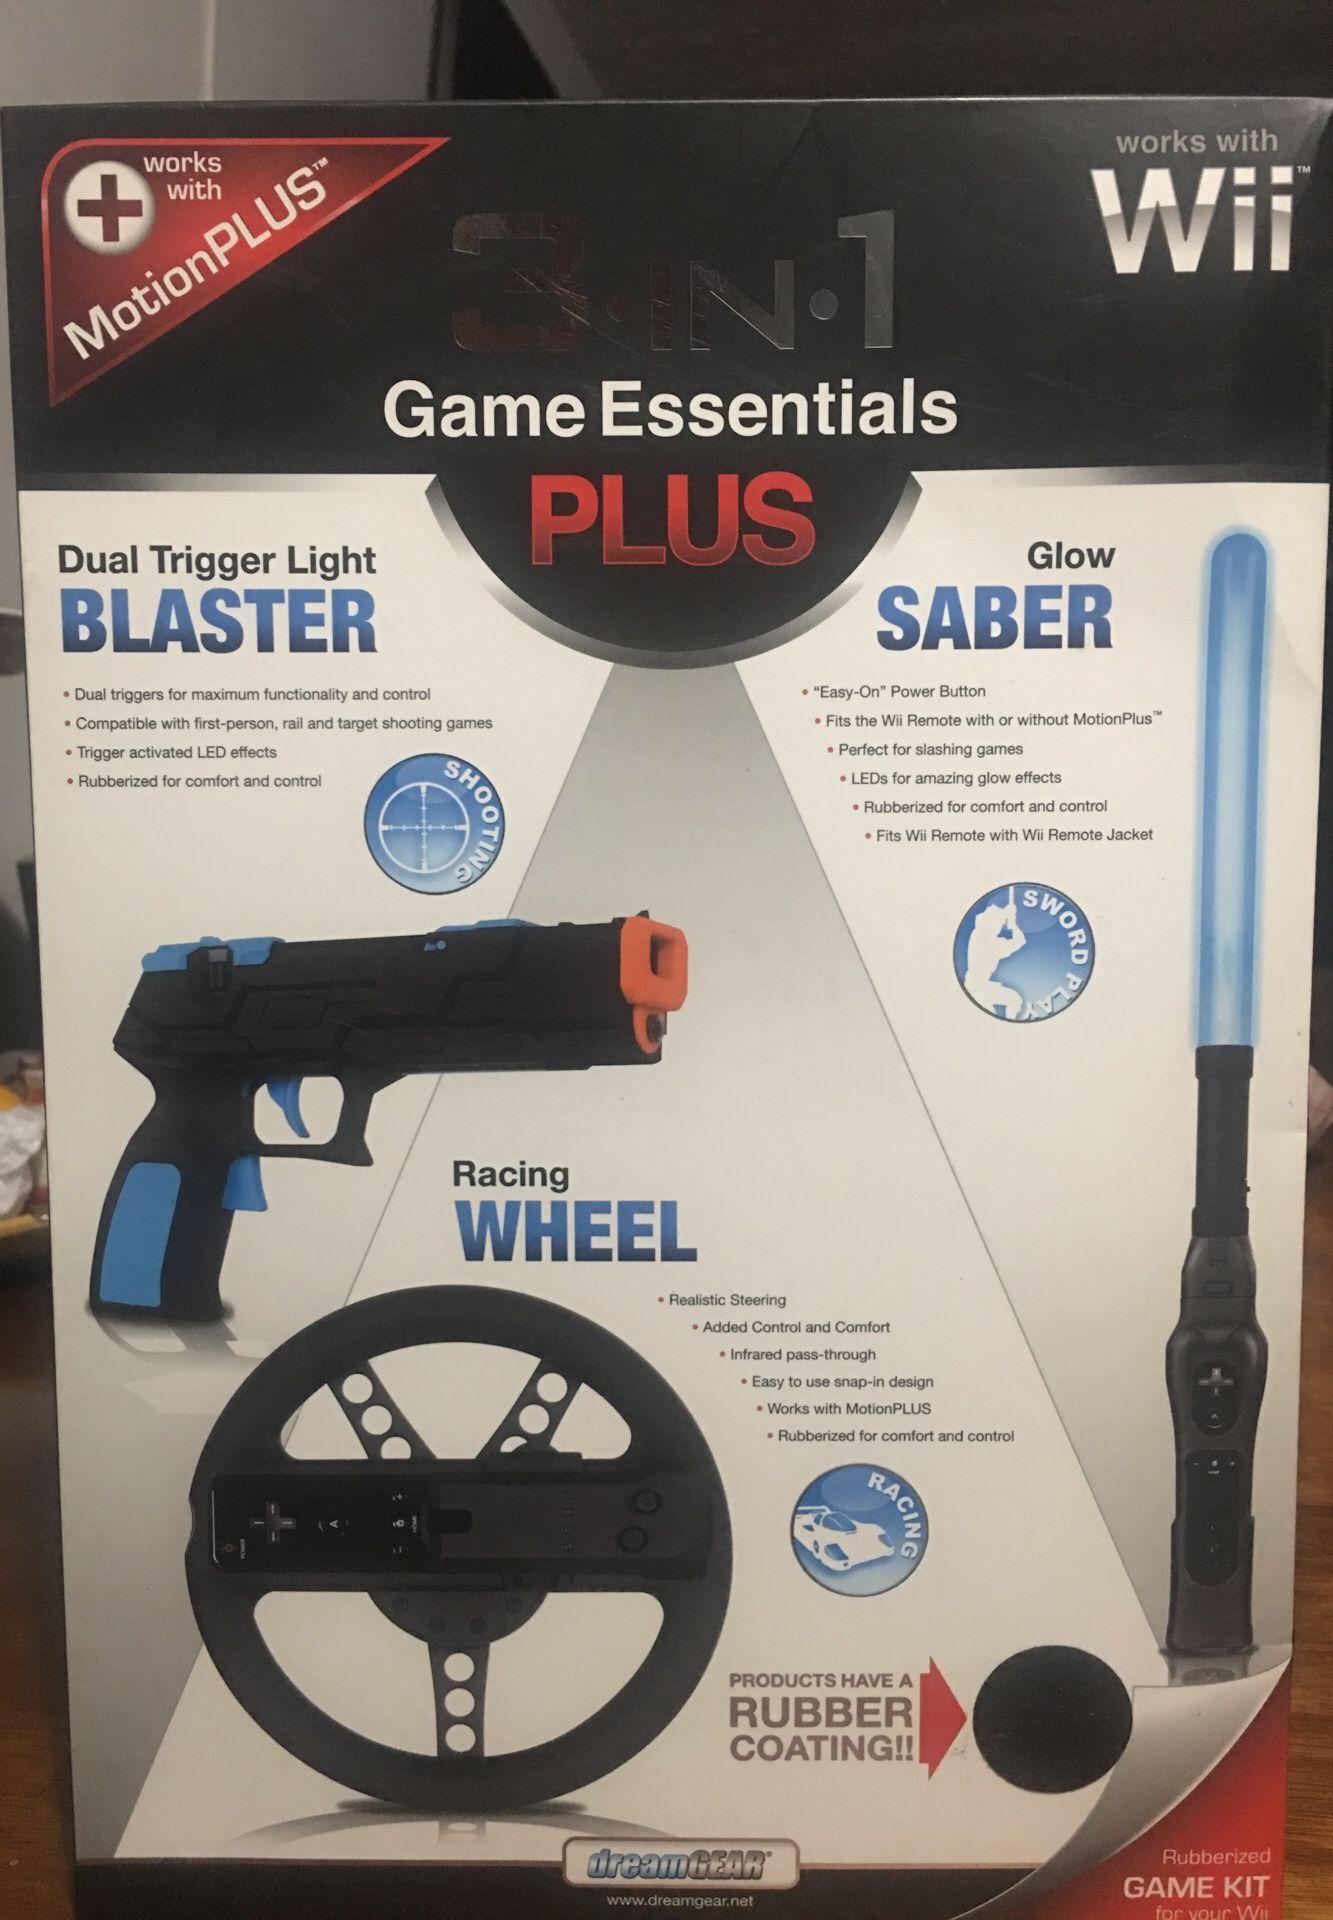 3 in 1. Game Essentials Plus